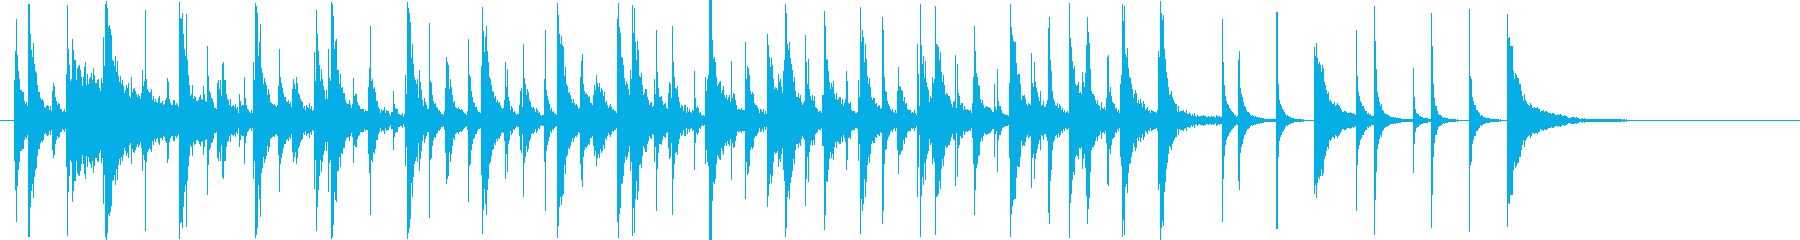 木琴メロディー:ケイジャンクッキン...の再生済みの波形